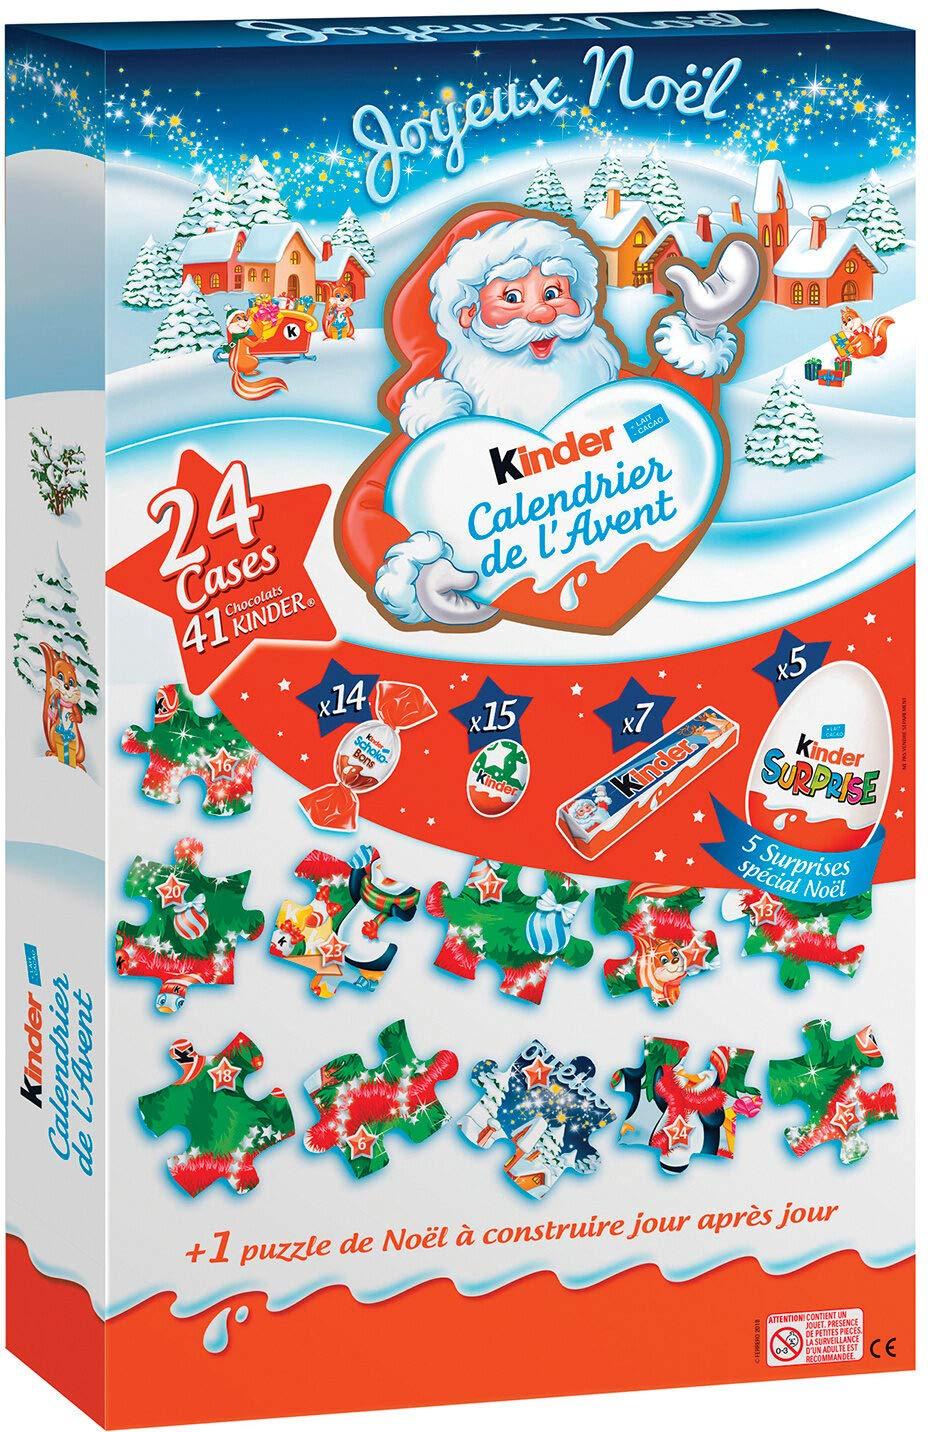 da Ferrero Kinder//Ferrero Calendario DellAvvento Kinder Maxi Puzzle 343 G